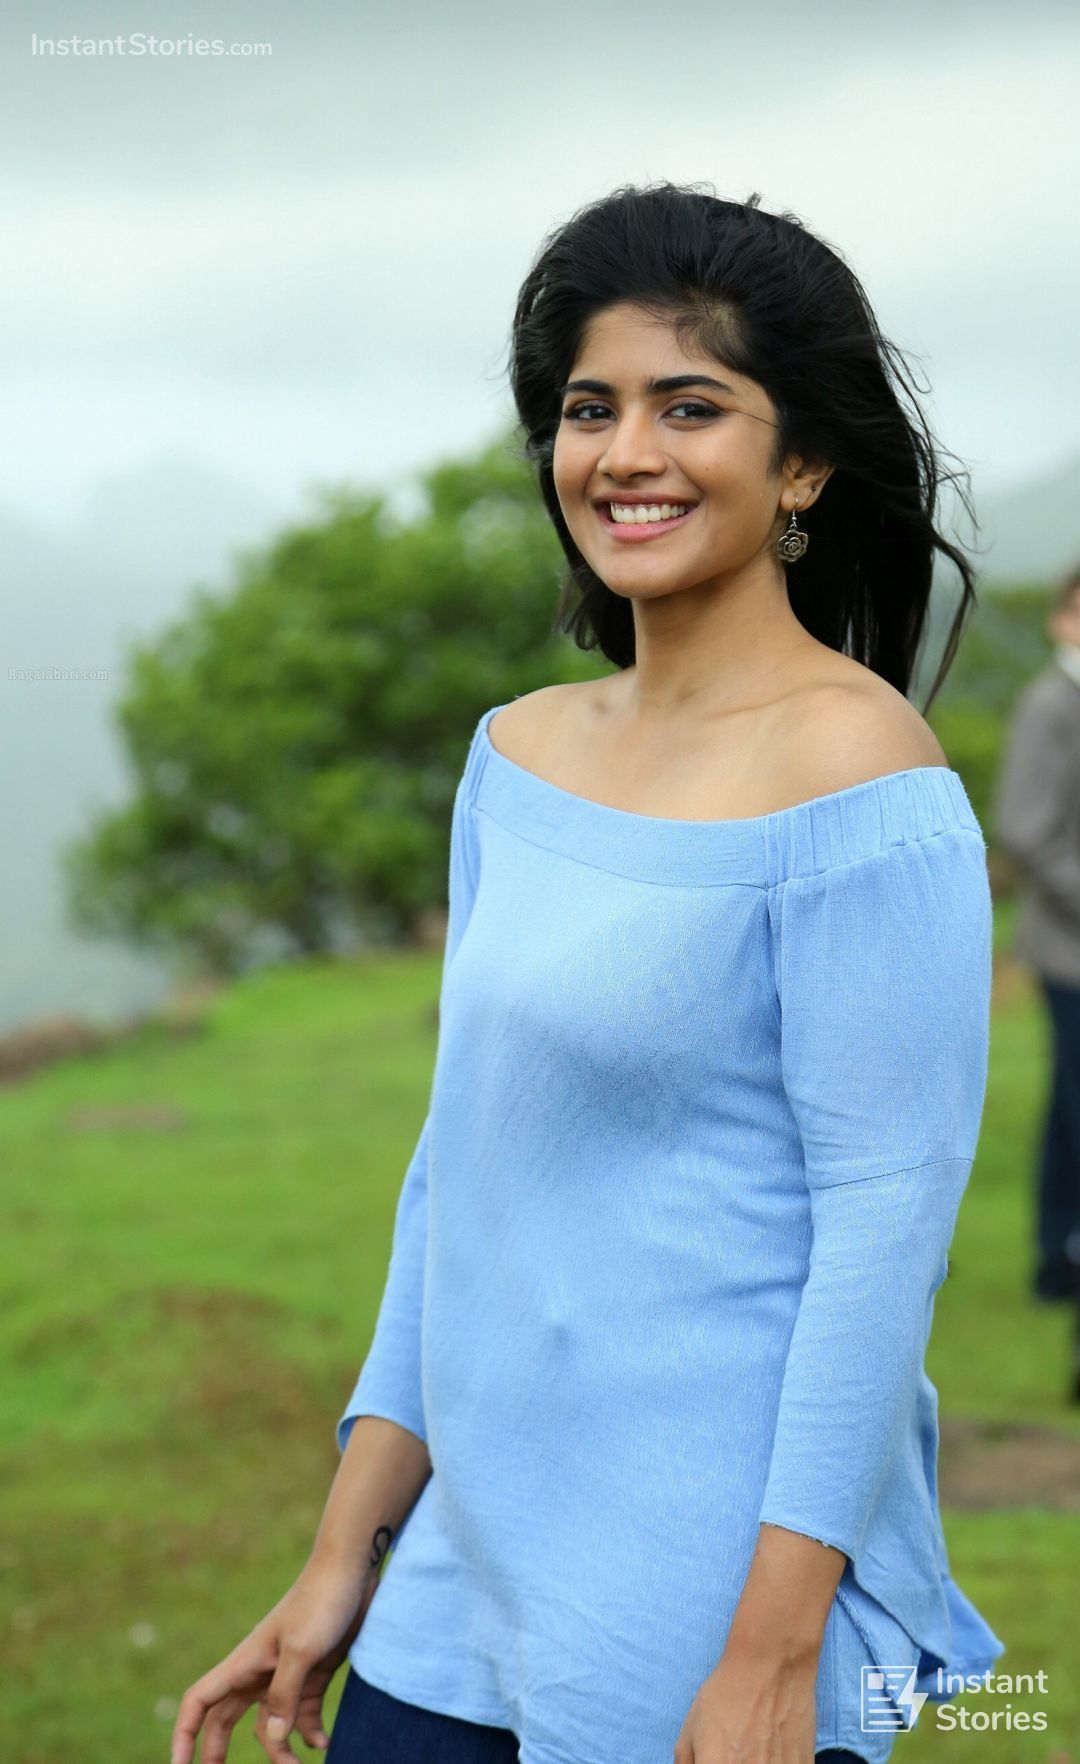 megha akash latest hot hd photos wallpapers 1080p 4k megha akash indian actress photos beautiful indian actress www pinterest co kr